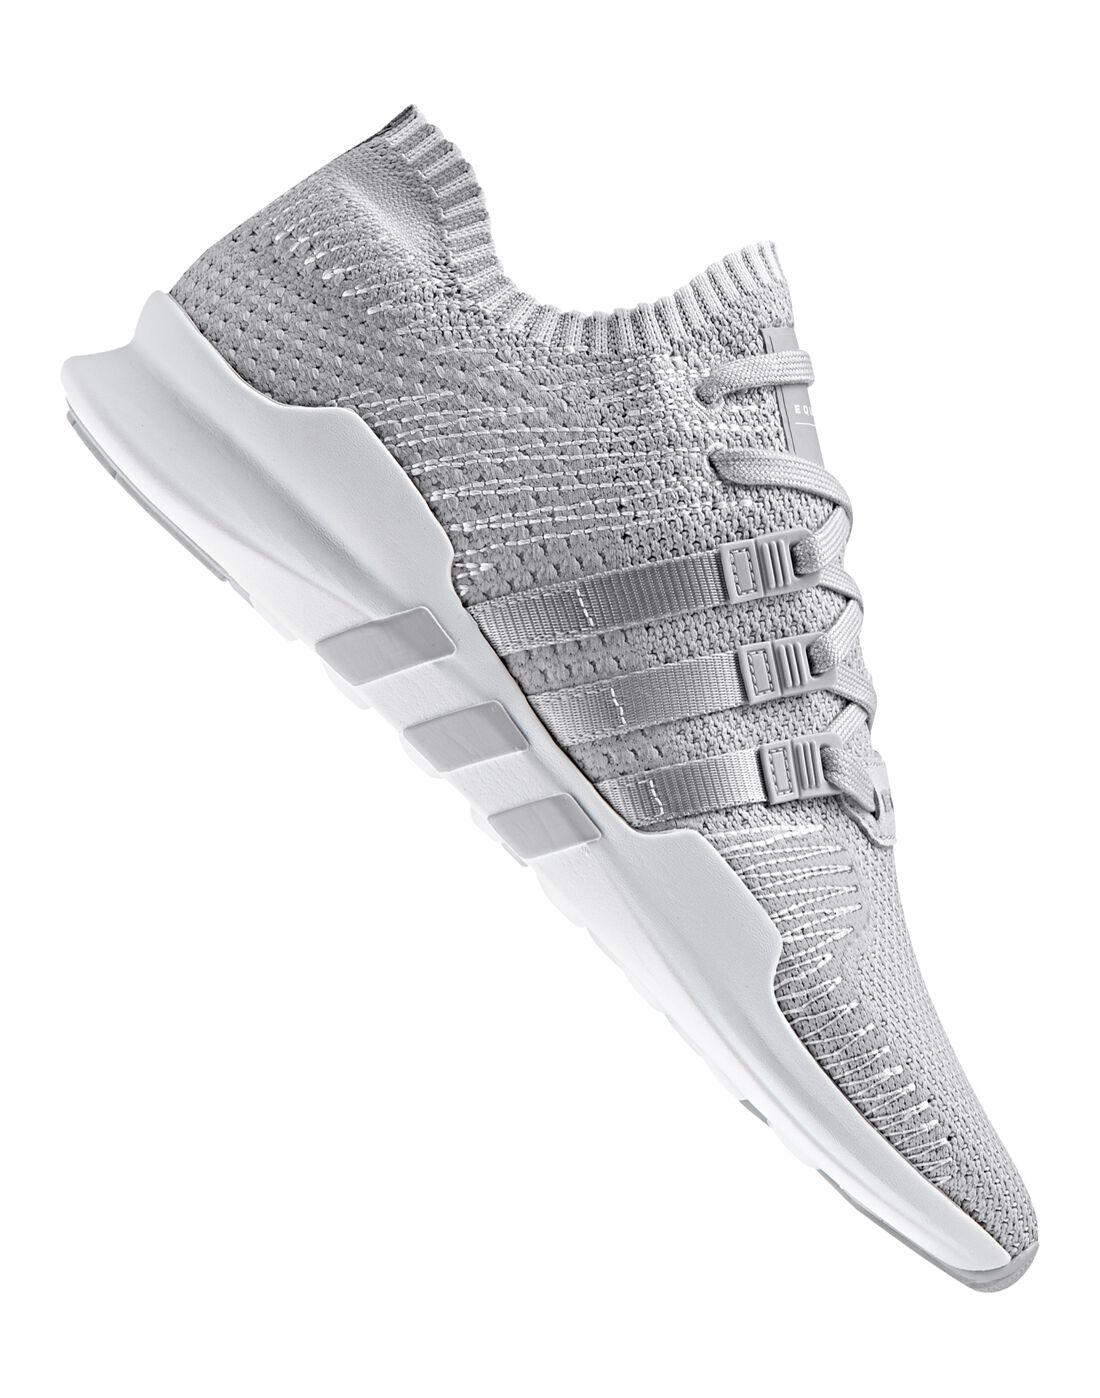 Adidas Avanzata Originali Uomo Eqt Appoggio Avanzata Adidas Pk Grey Dello Stile Di Vita Sportiva 57f2f3